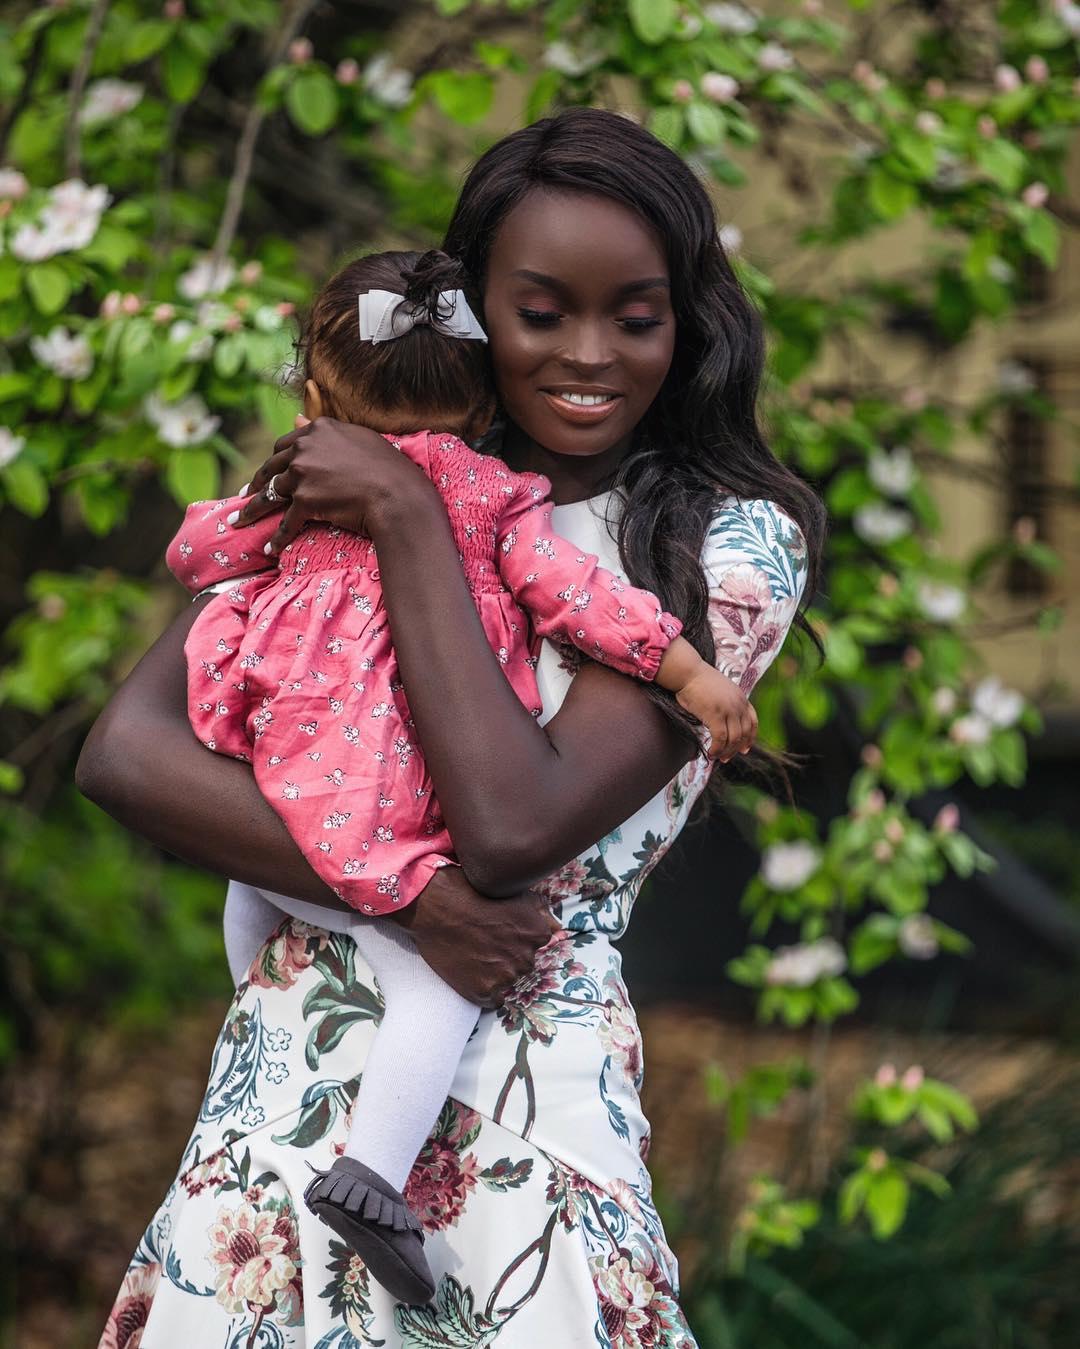 Как выглядят дети, если мама темненькая, а папа — светленький (фото)